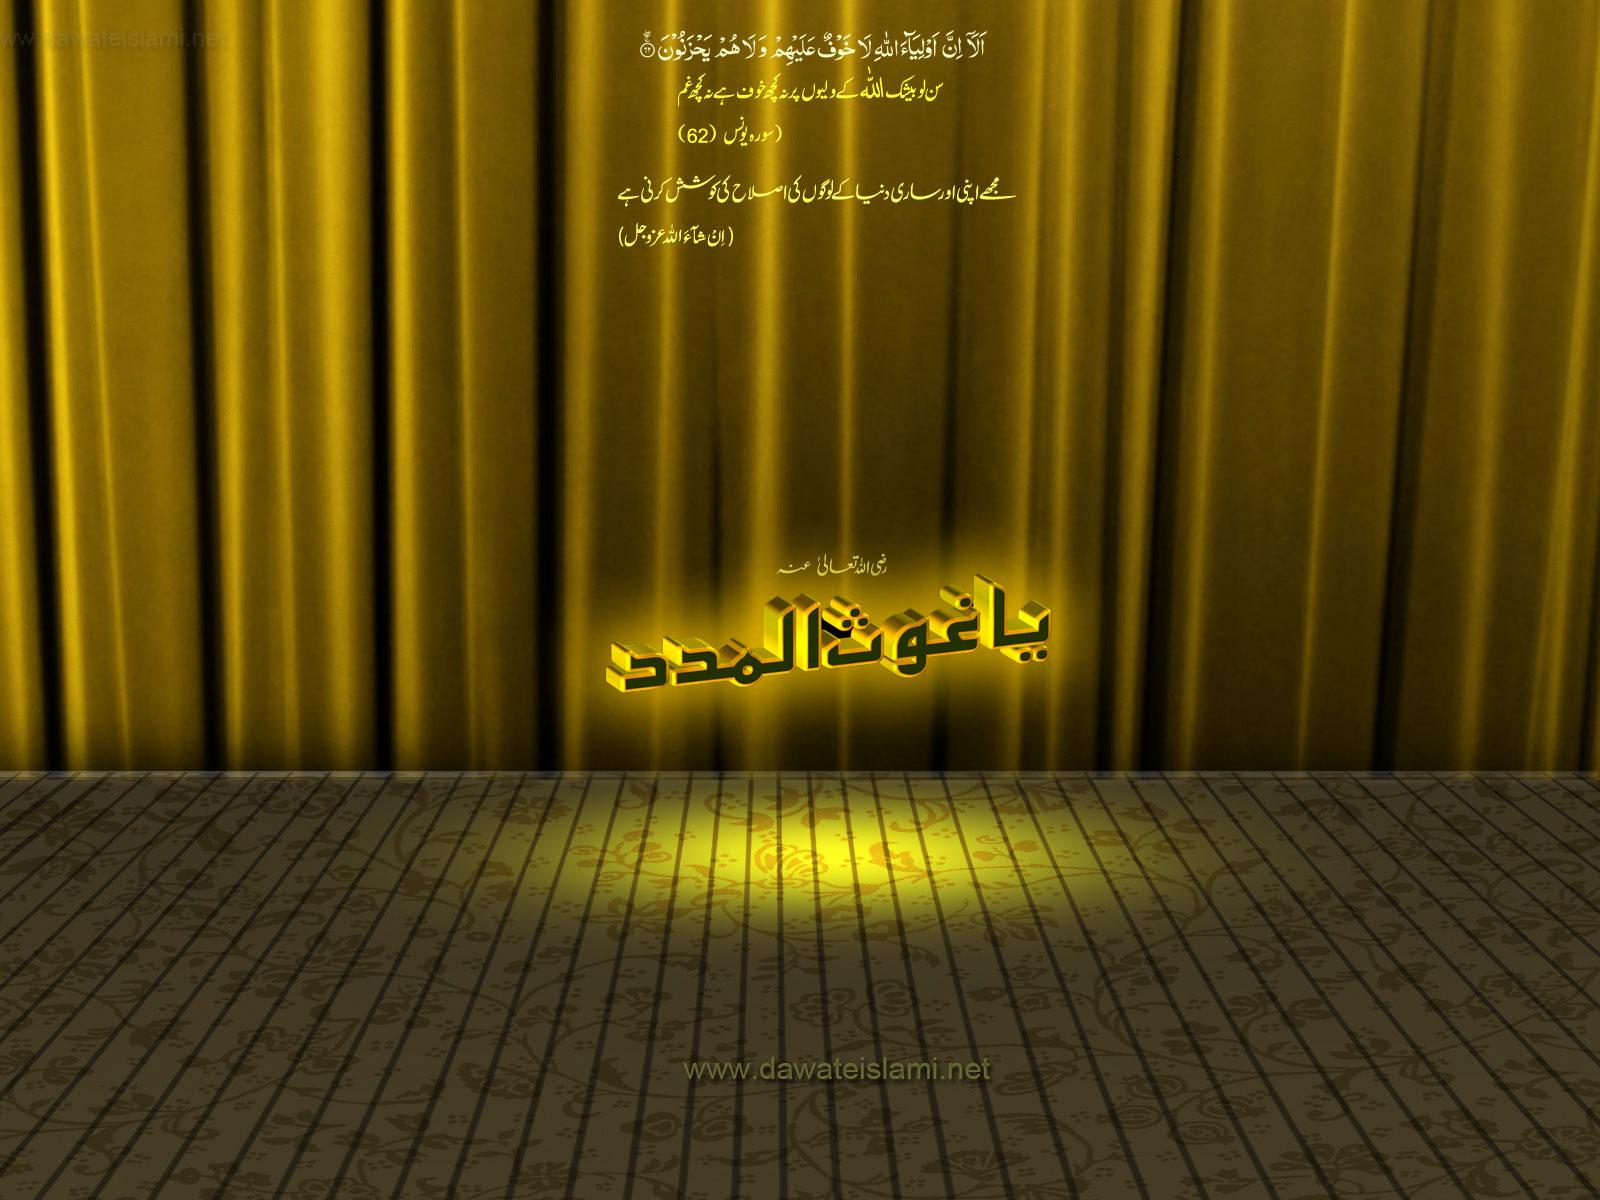 http://2.bp.blogspot.com/-LgLyQW0D4lw/T_ix8Eyc1oI/AAAAAAAAAR8/TWnHqvbHIOU/s1600/GhousUlAzamWallpaper_dawateislami_5.jpg